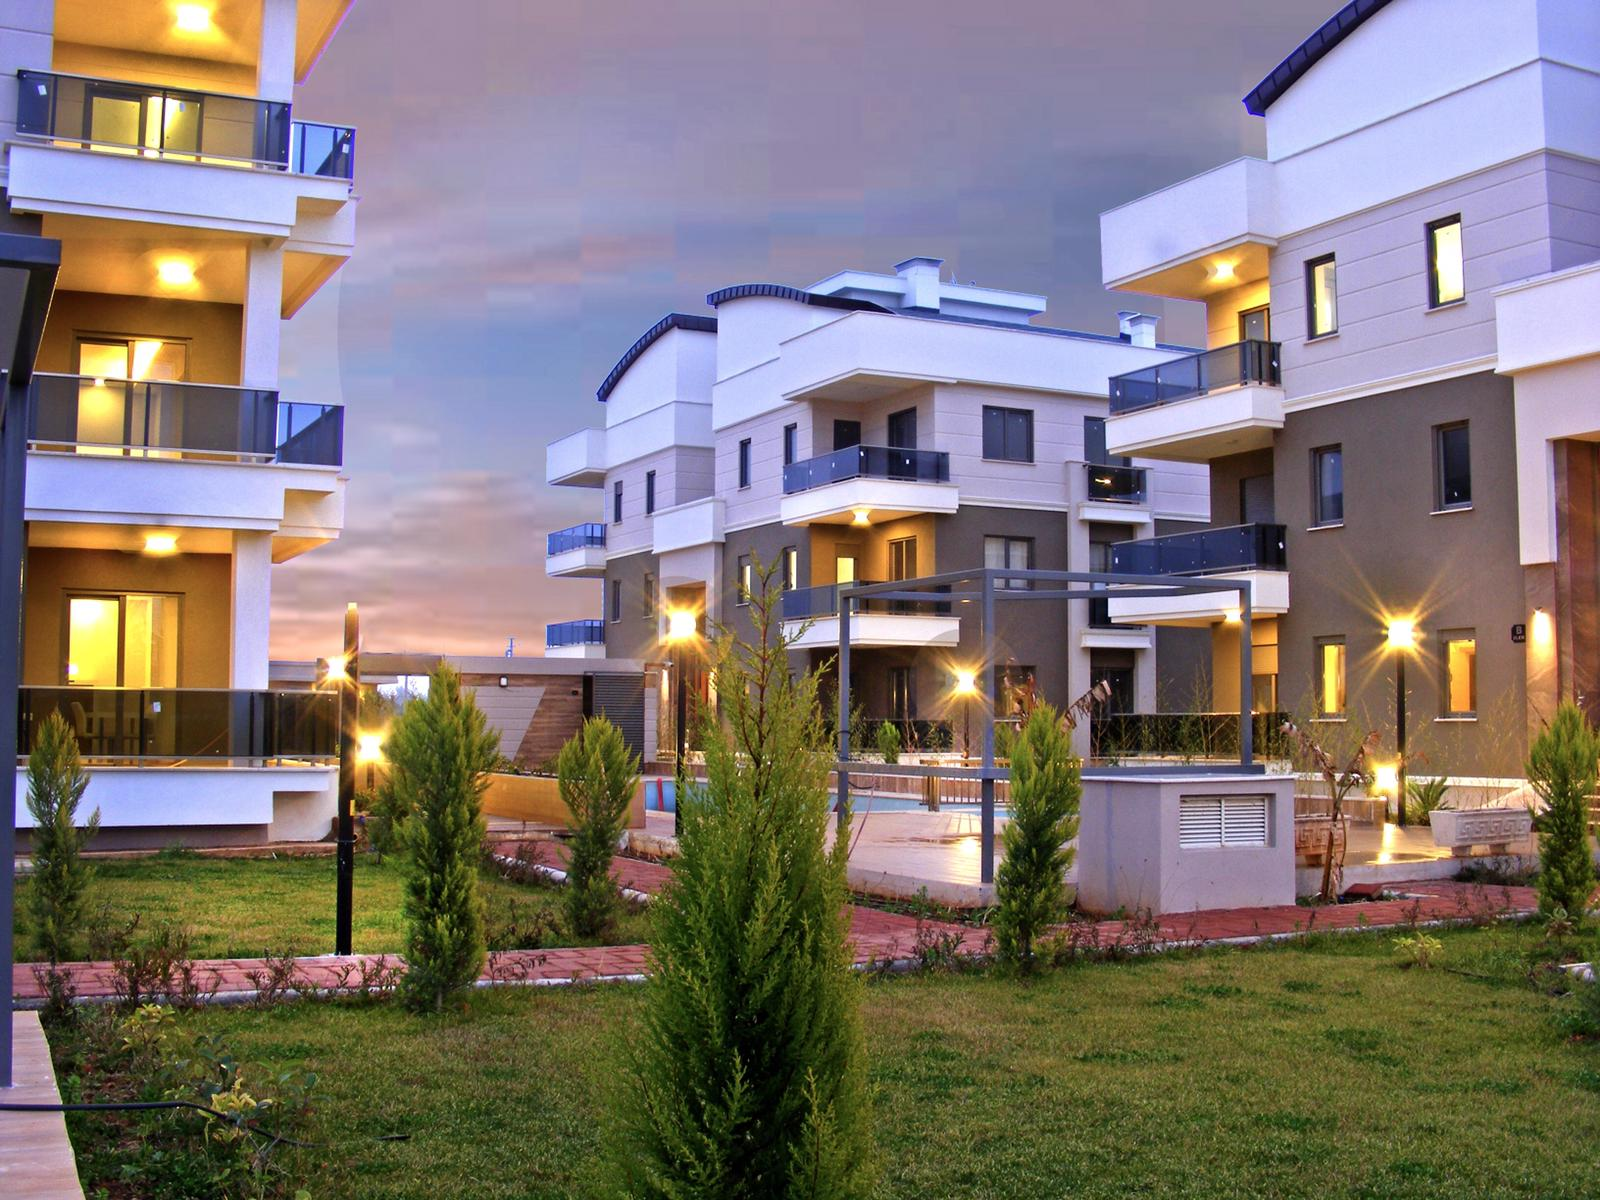 Продаются квартиры в жилом комплексе 3+1 - Фото 12